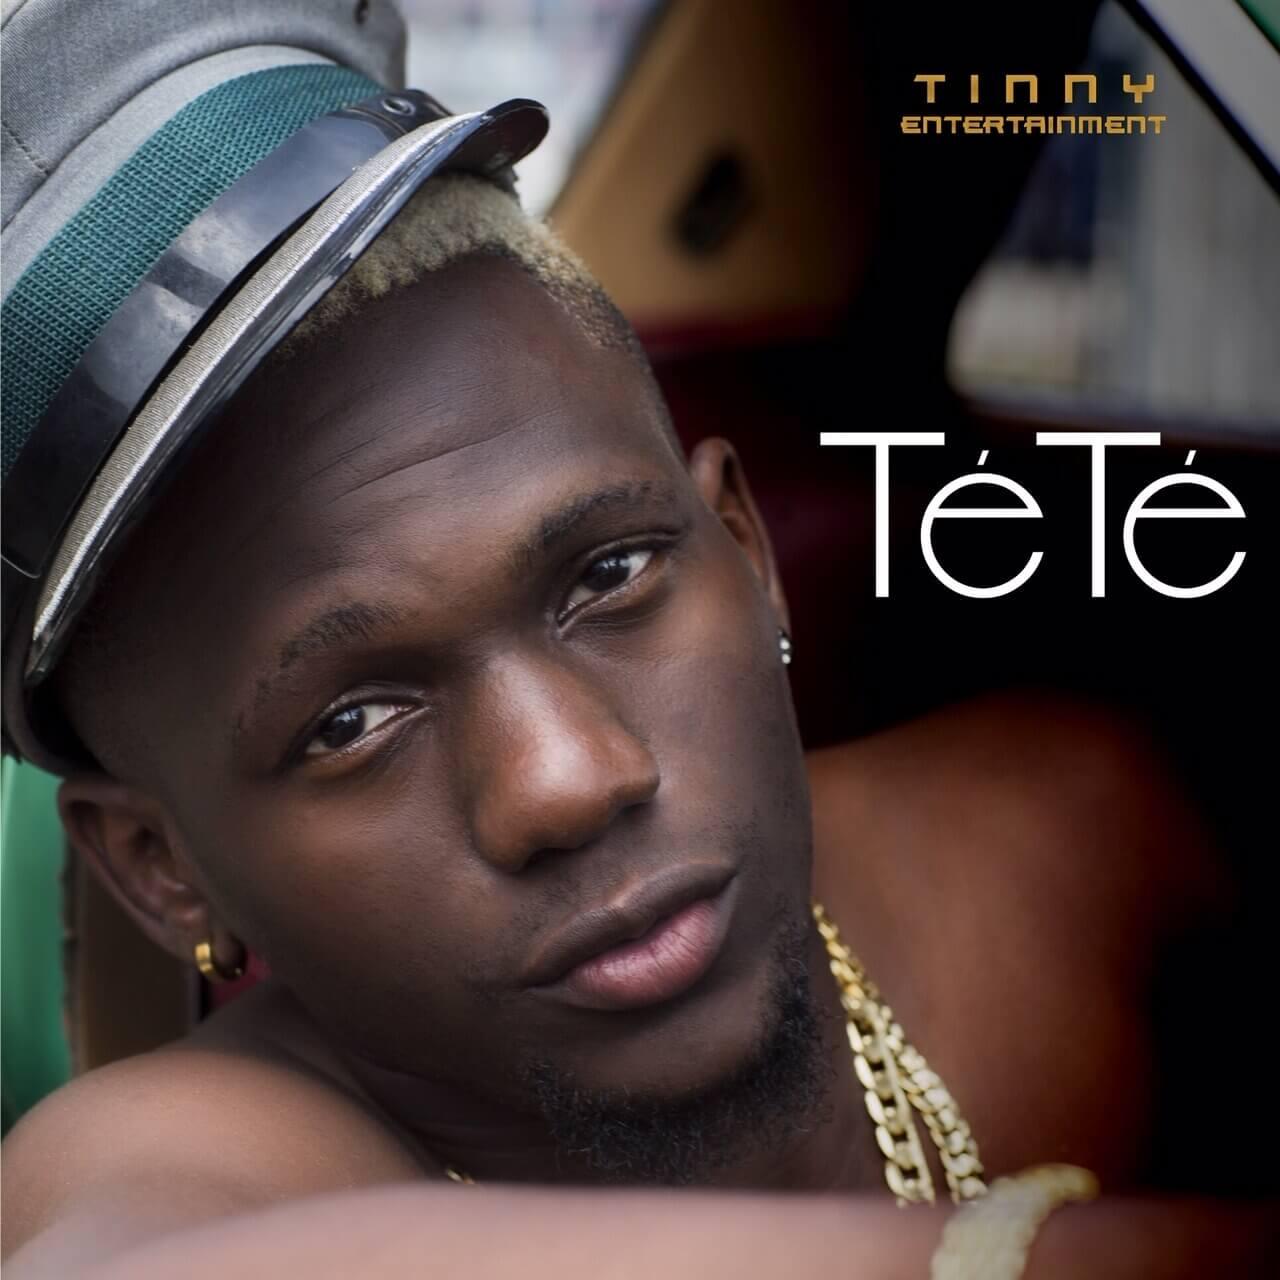 Myles - Tete